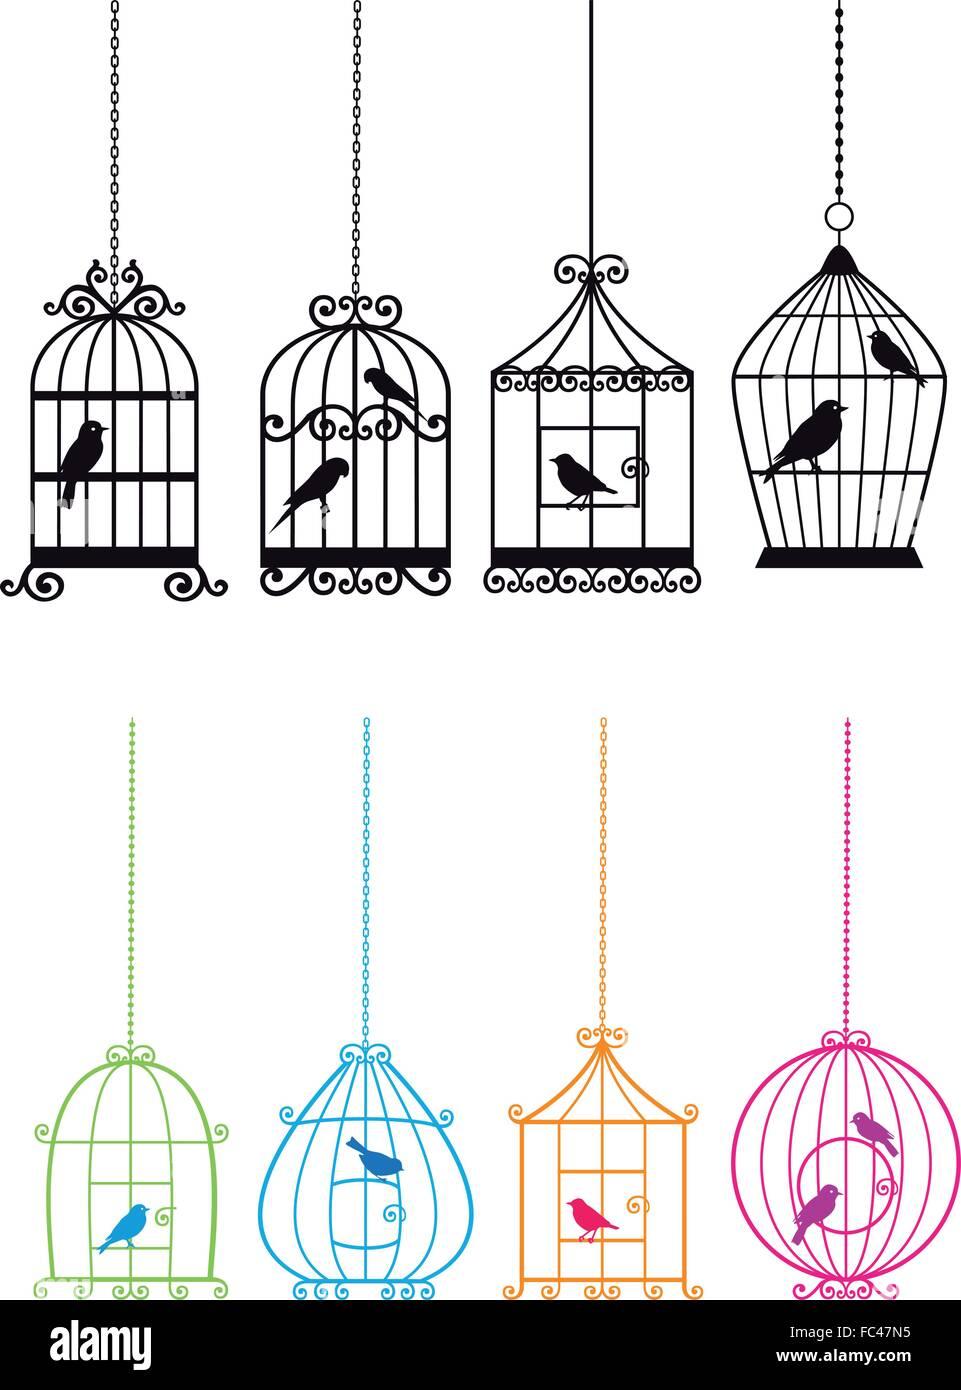 Vintage birdcage insieme con gli uccelli, illustrazione vettoriale Immagini Stock